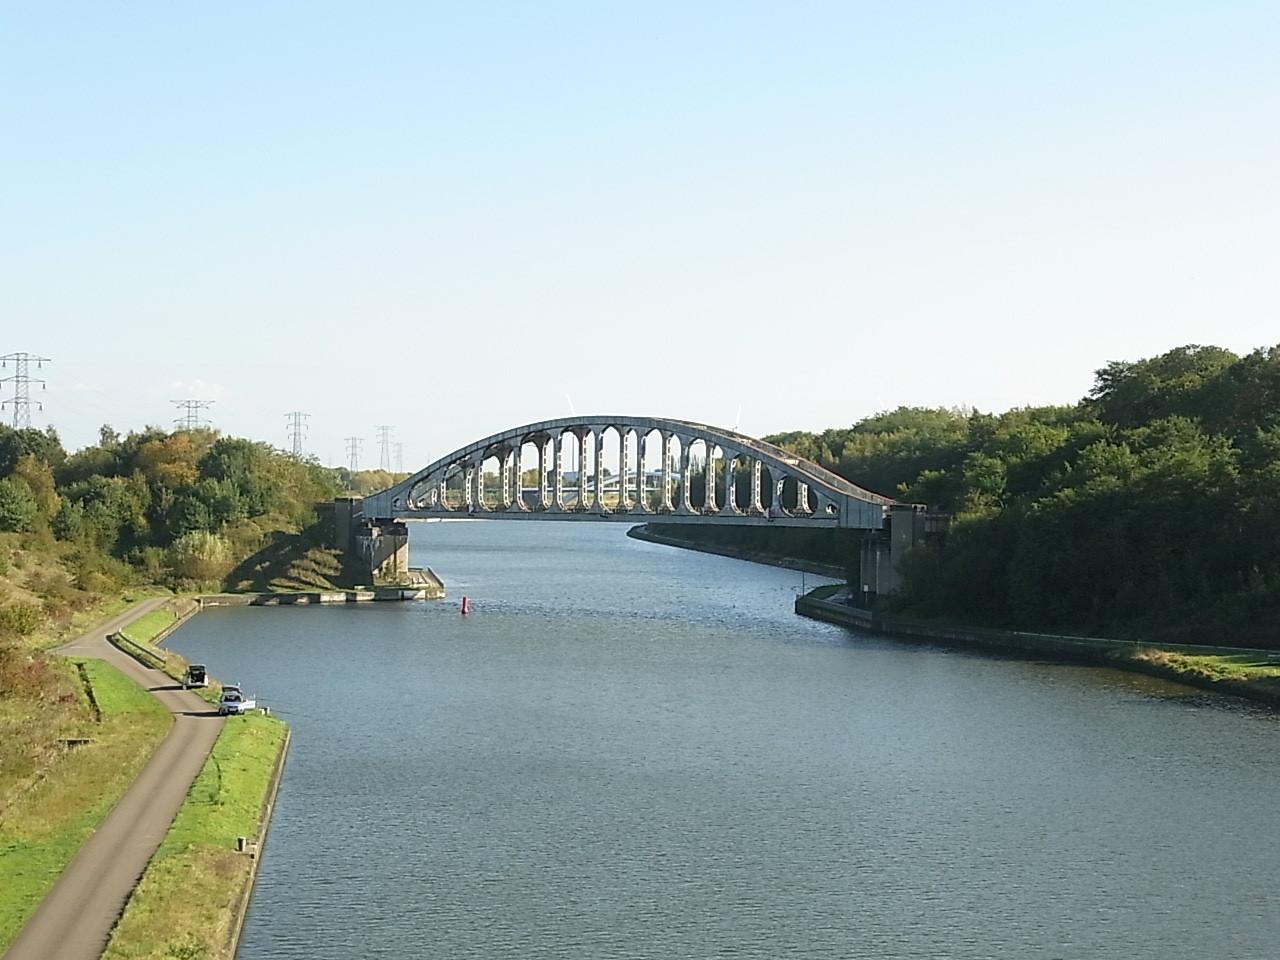 Auf einer Brücke bei Gellik